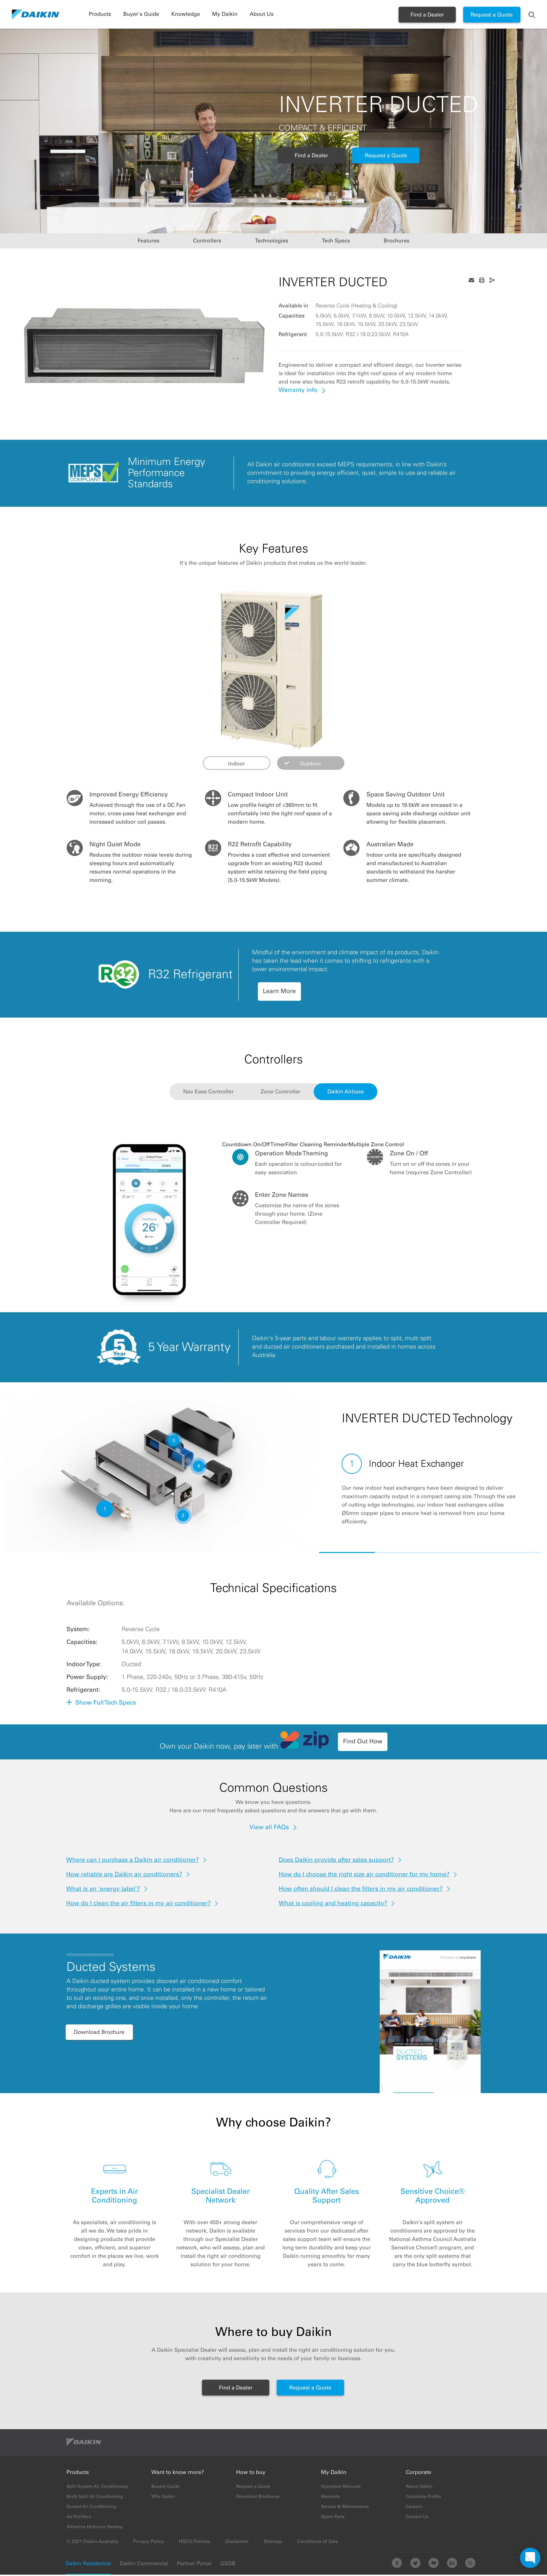 Daikin Air Conditioning Information